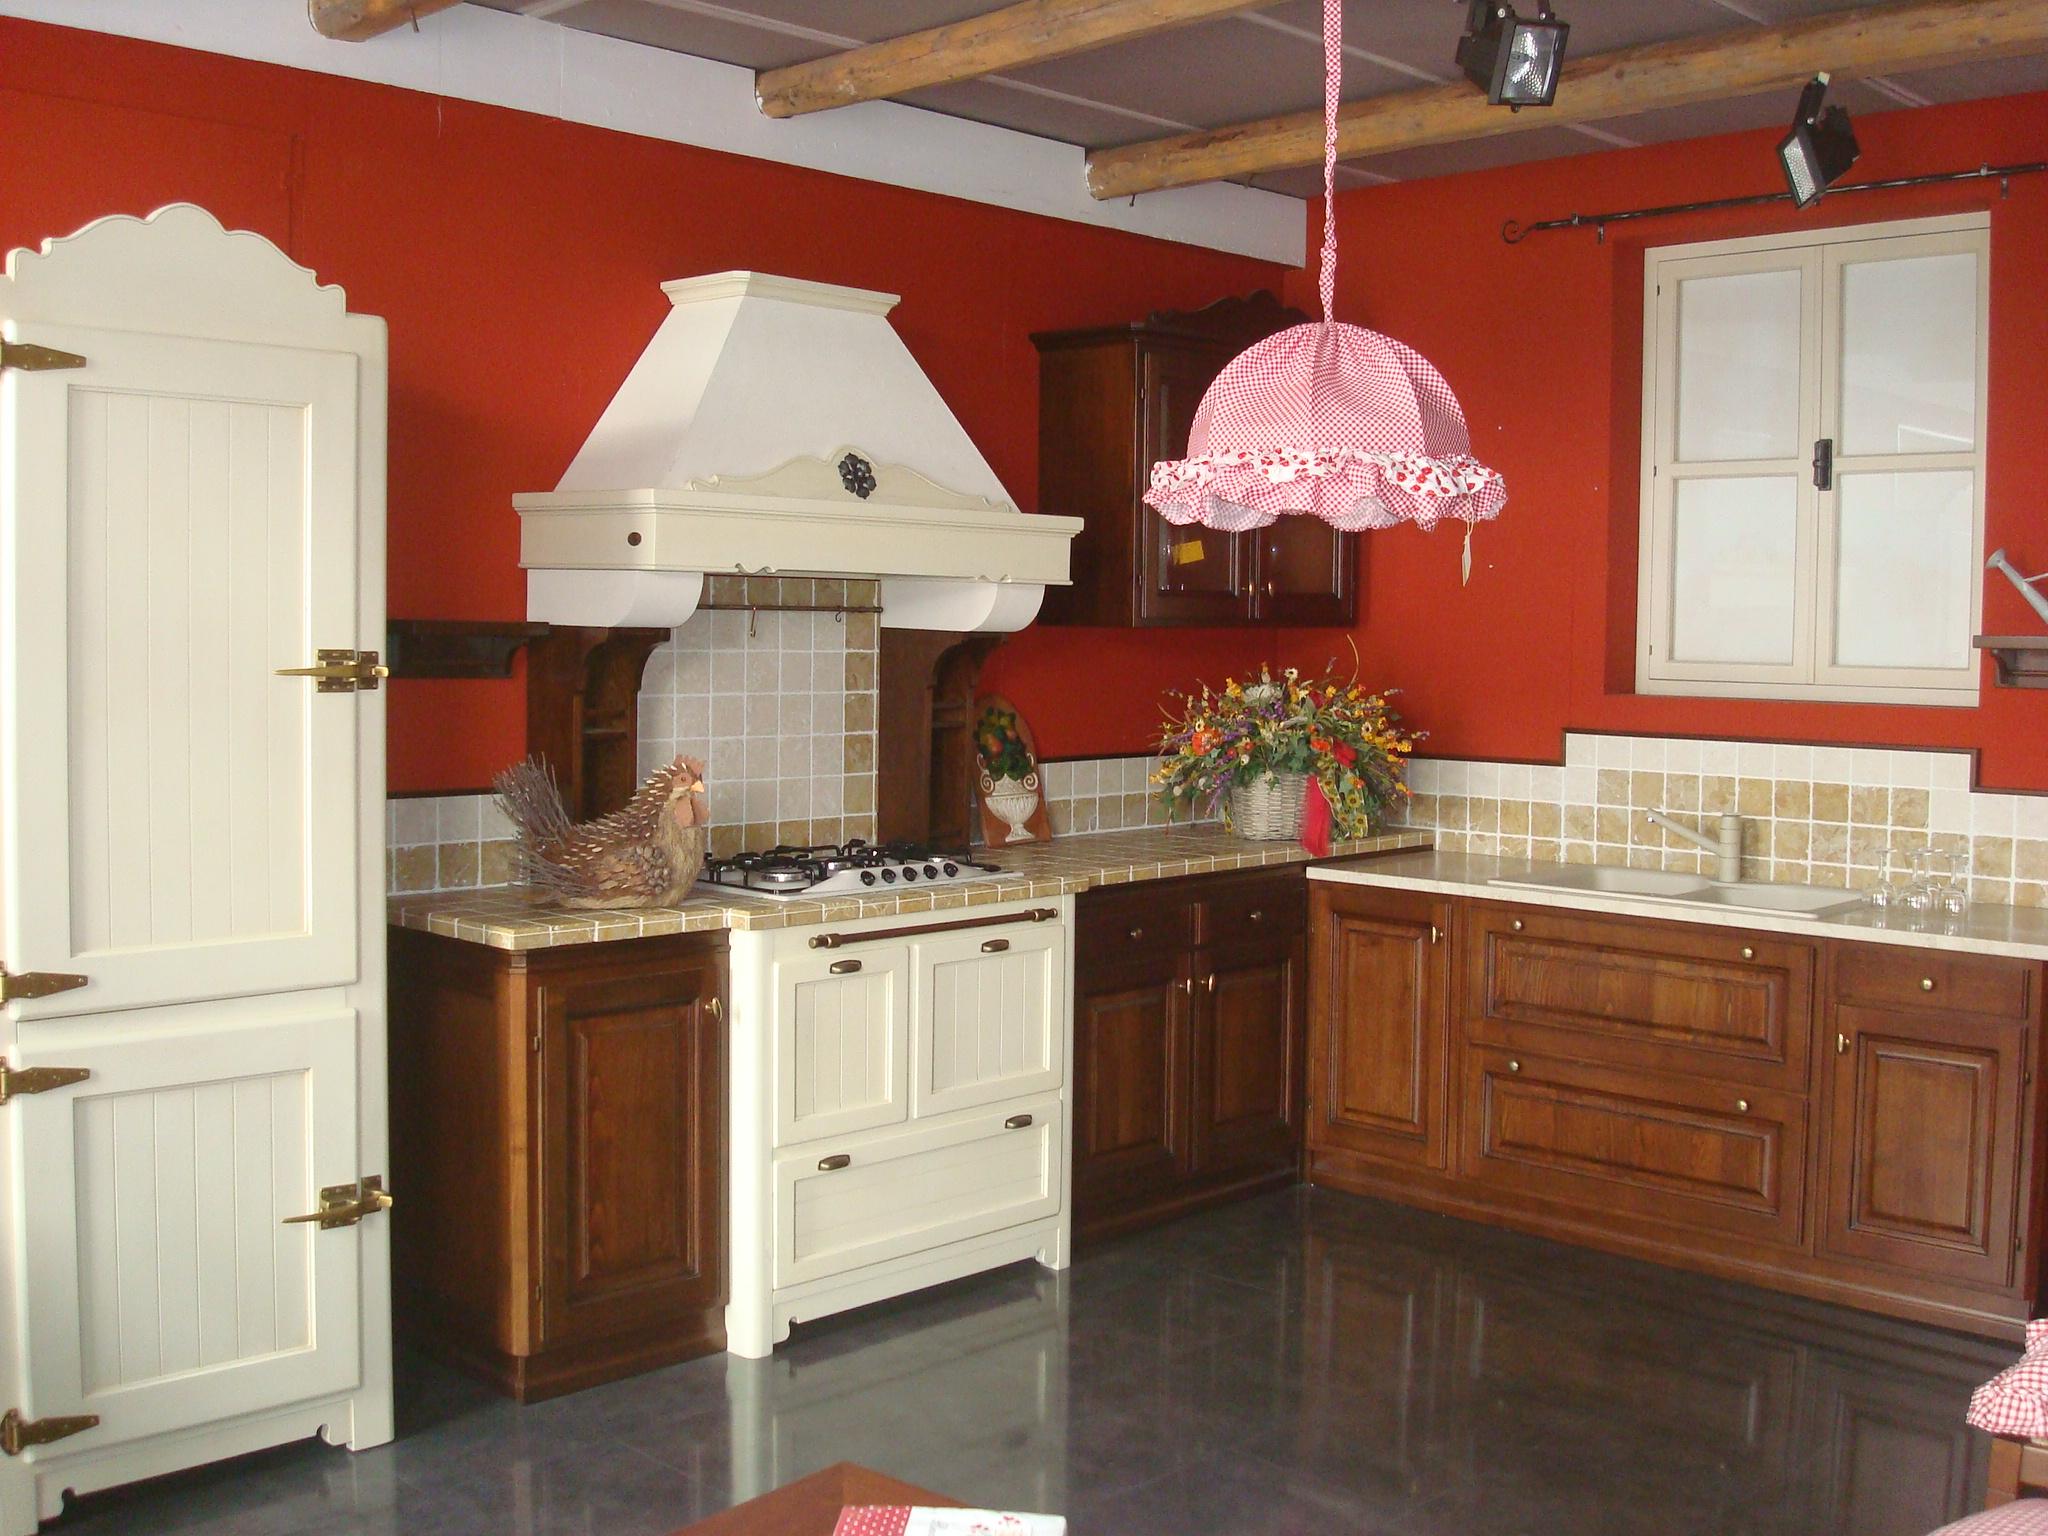 Outlet arredamento e cucine di design martini outlet - Cucine di design outlet ...